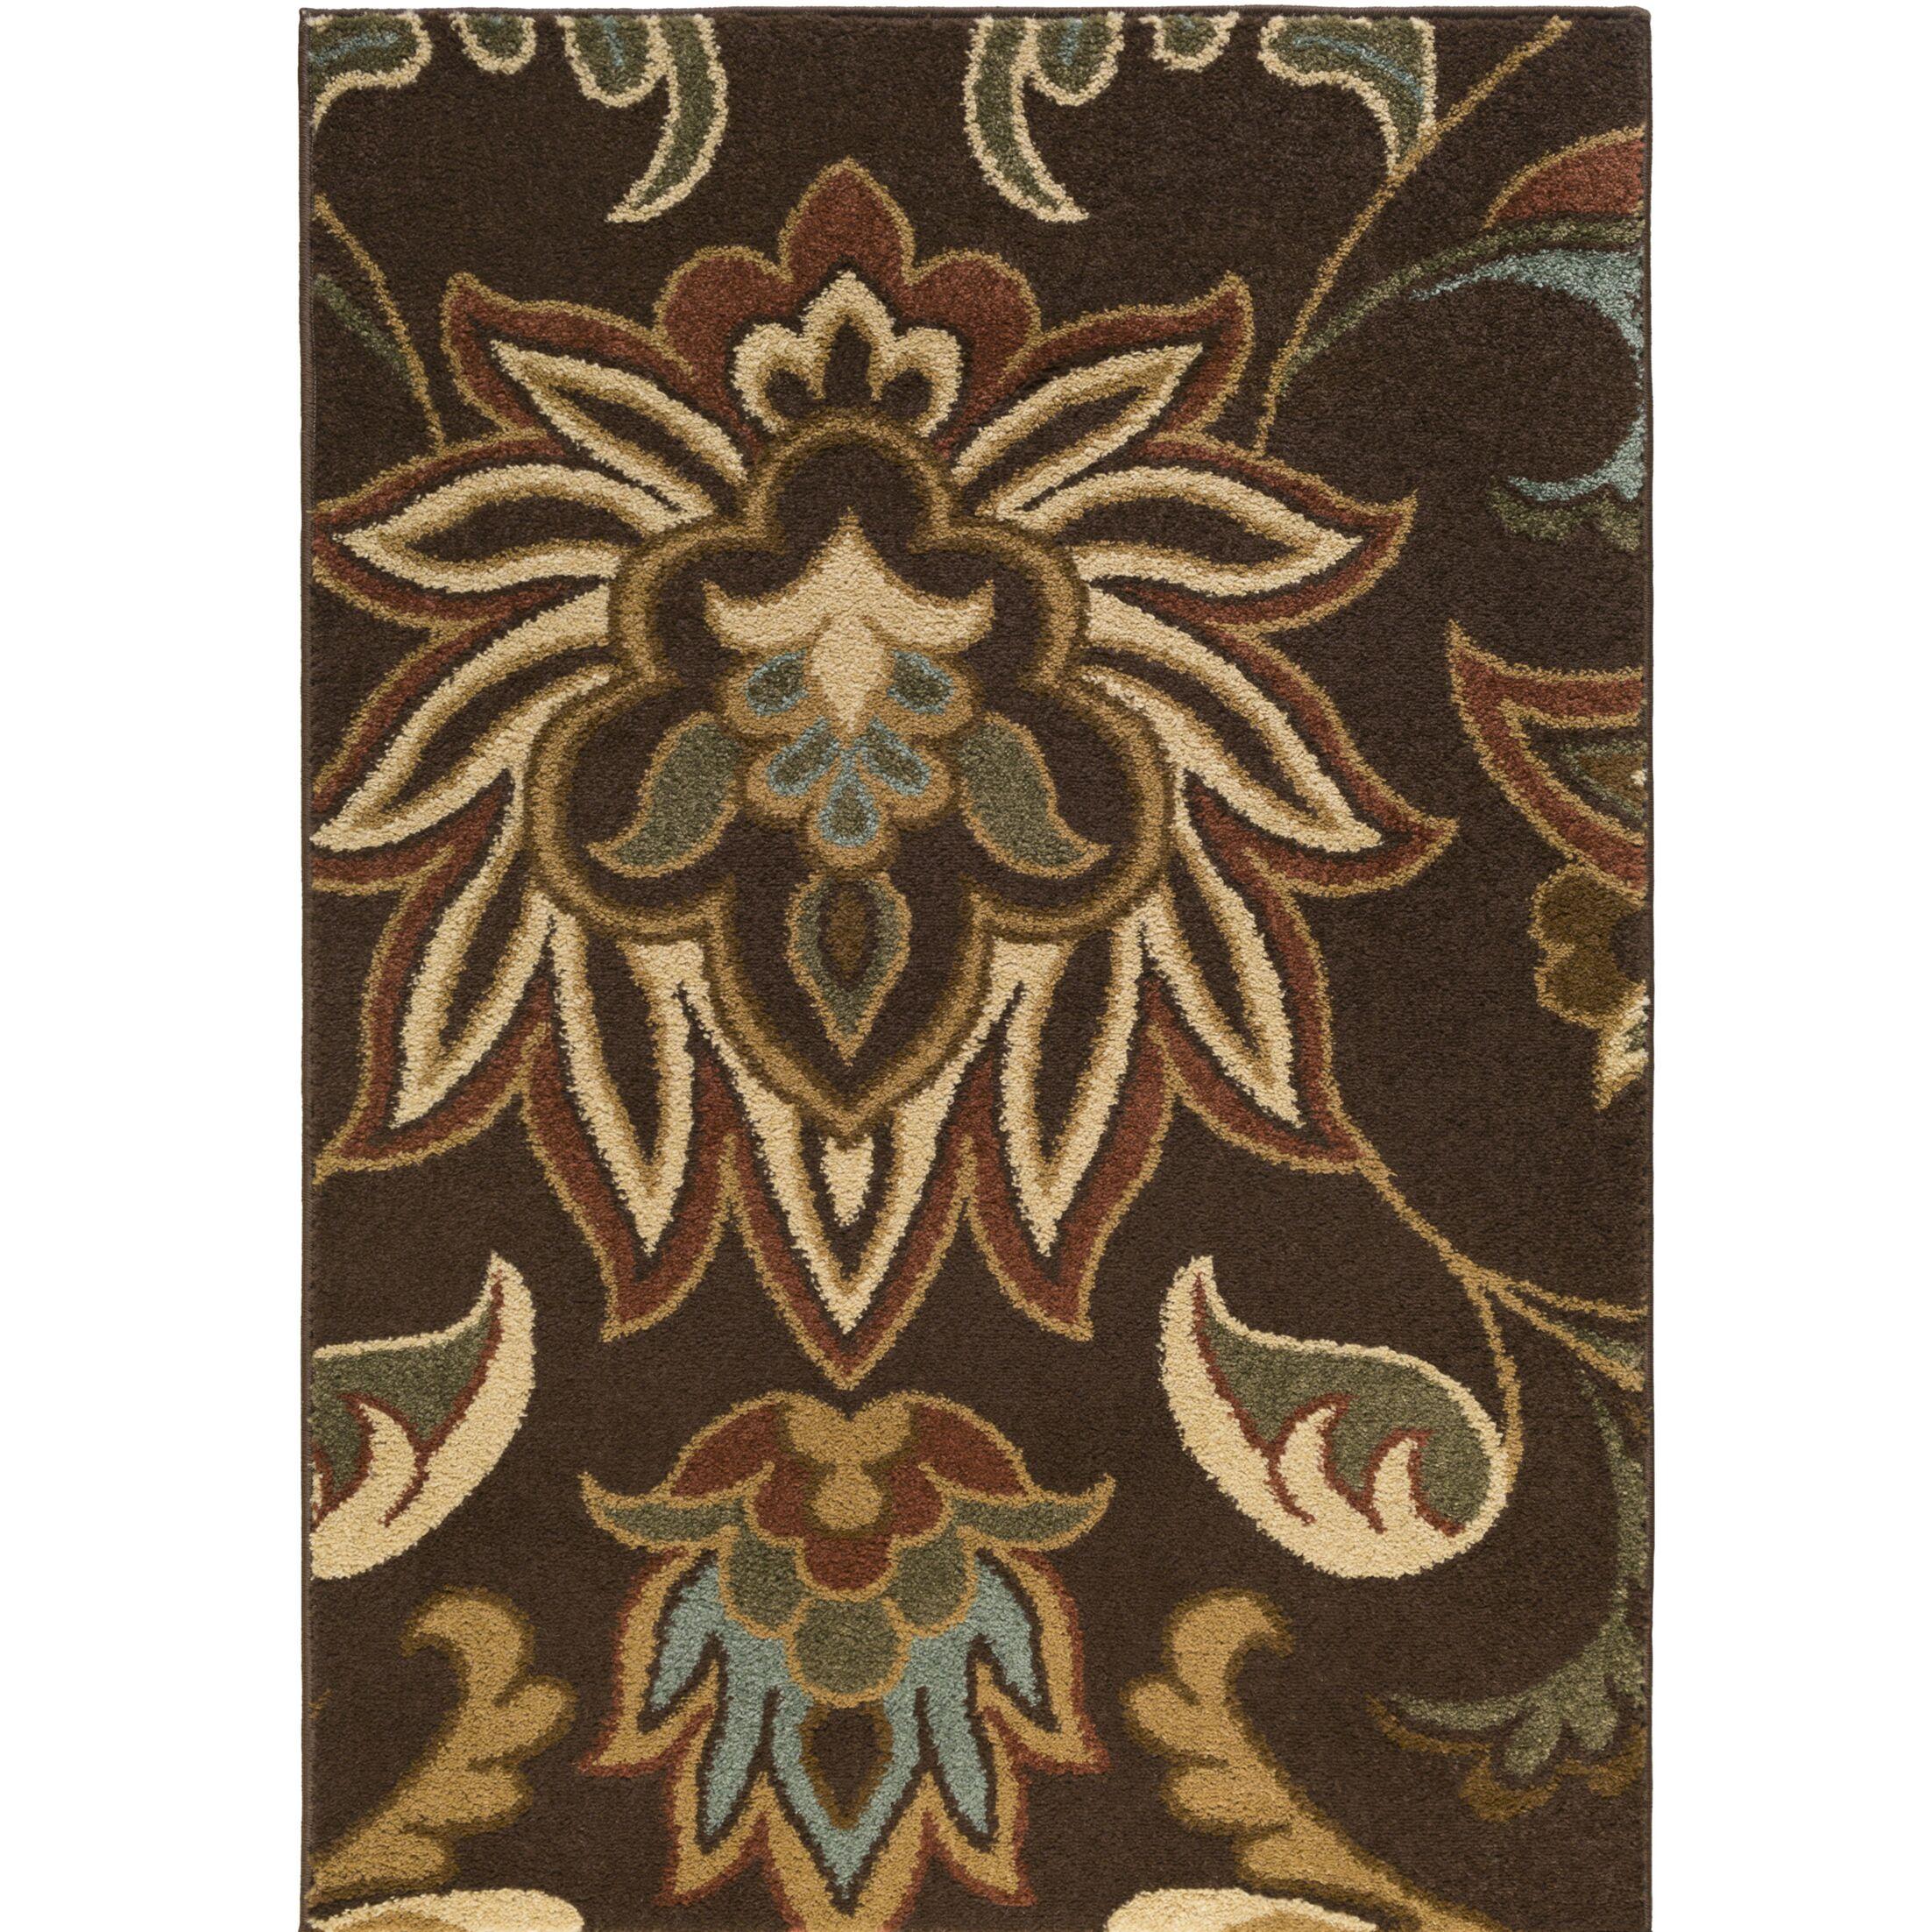 Demetria Pattern Multi Area Rug Rug Size: Rectangle 7'6